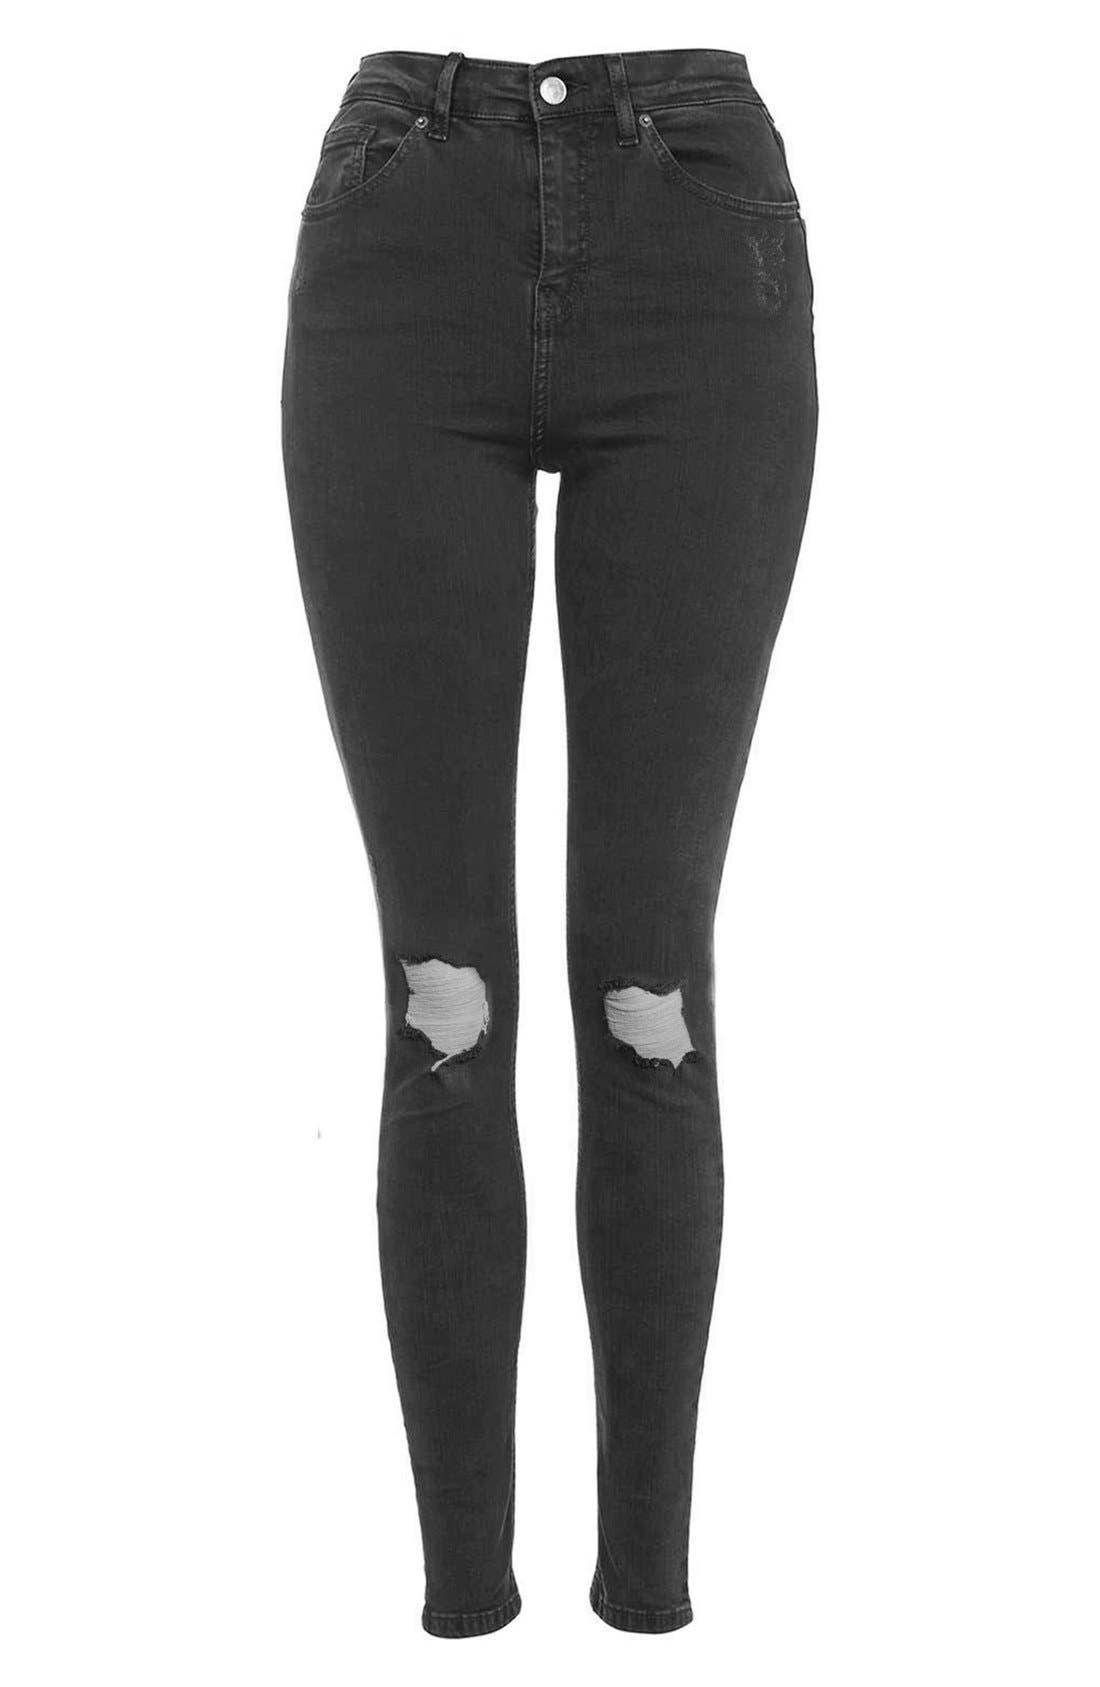 Jamie Shredded High Waist Skinny Jeans,                             Alternate thumbnail 4, color,                             001